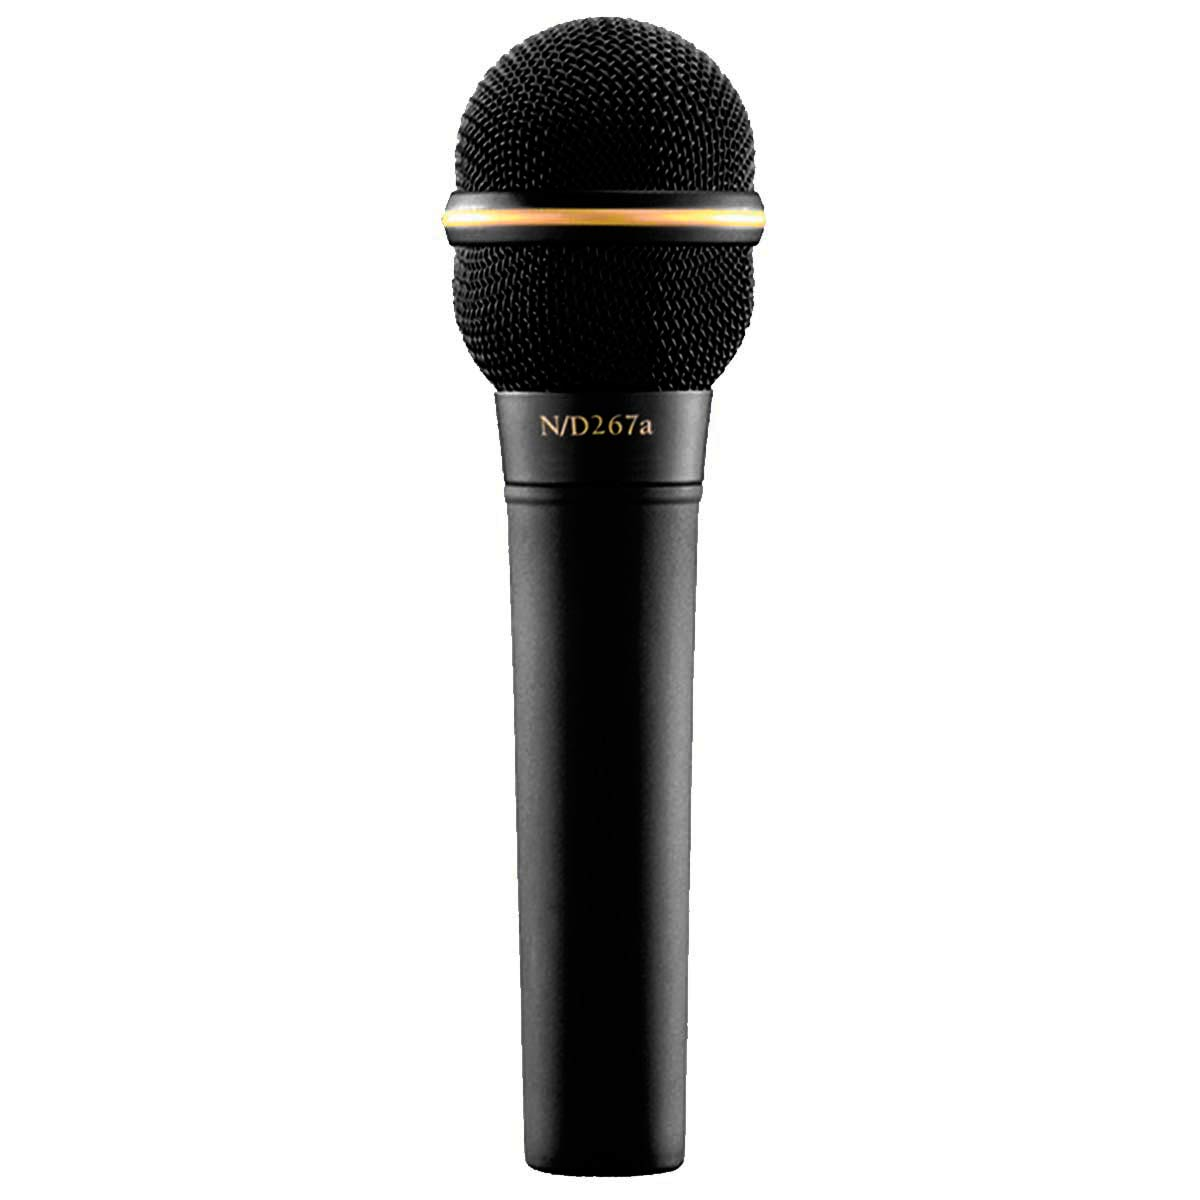 ND267a - Microfone c/ Fio de M�o ND 267 A - Electro-Voice